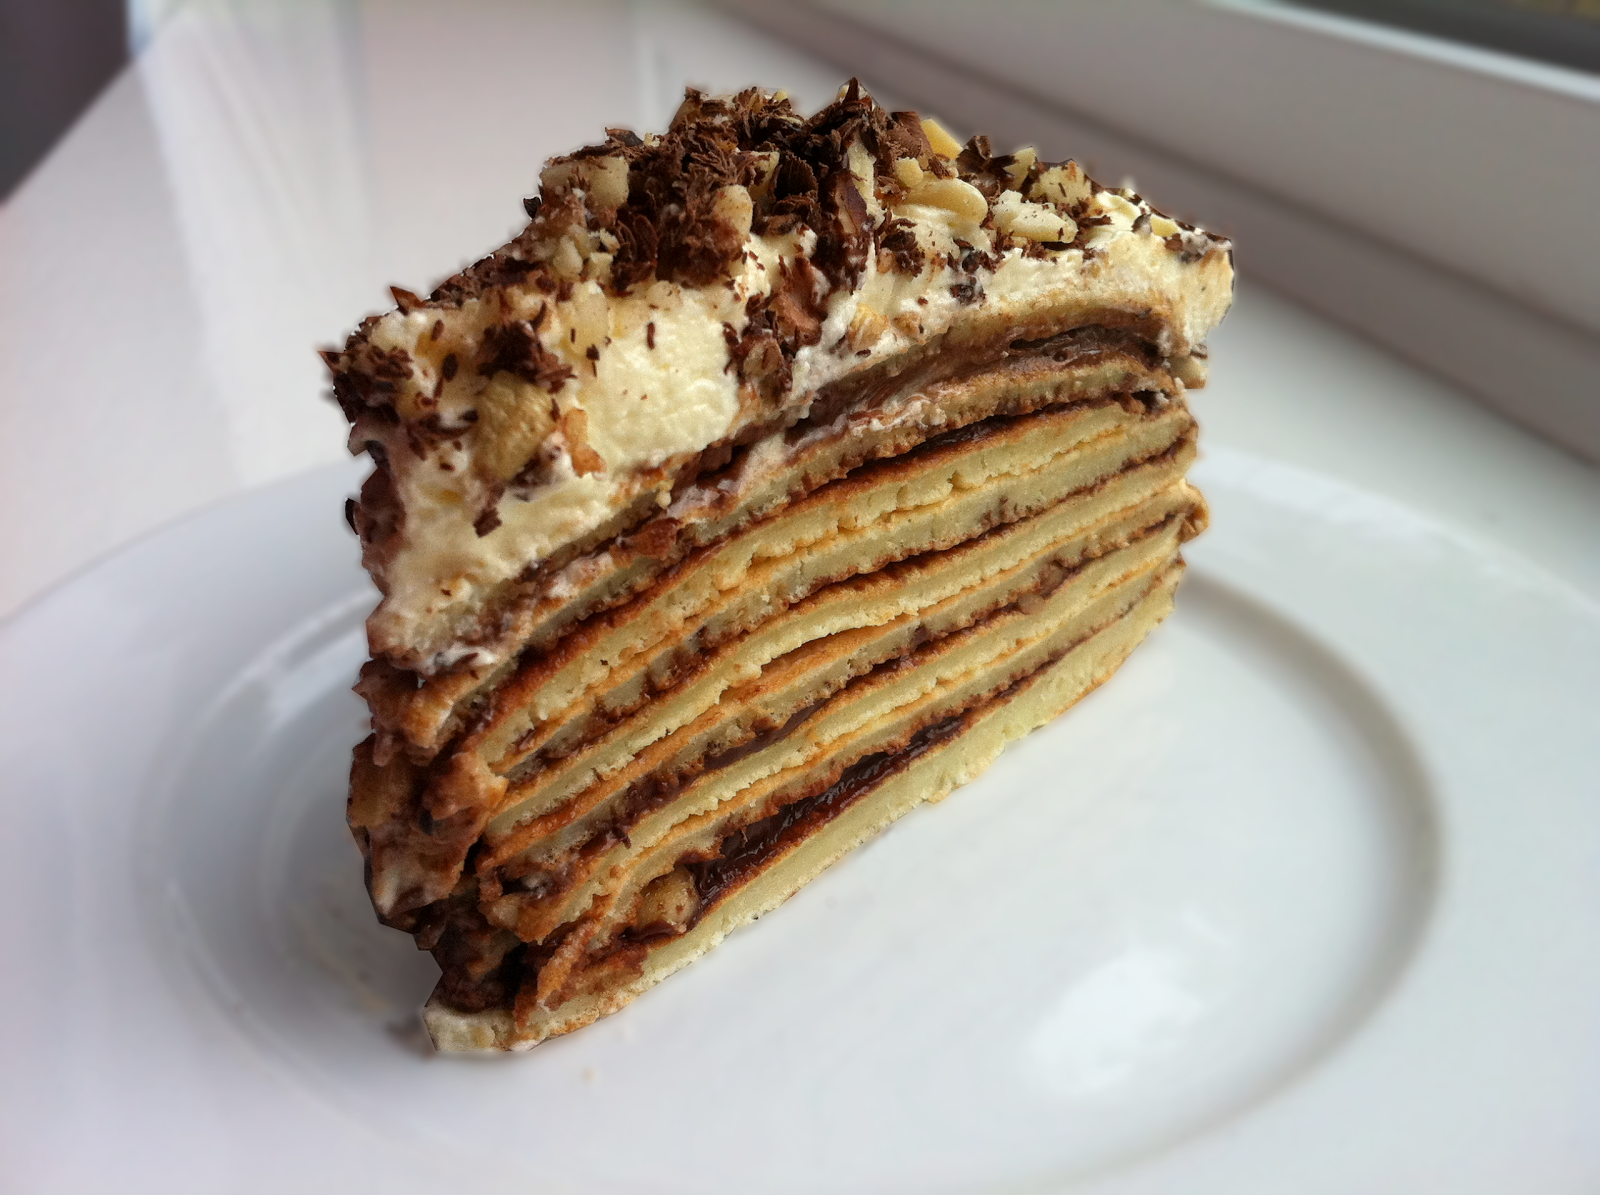 Jamie Oliver Recipe For Cake: The Greedy Fork: Pancake Cake